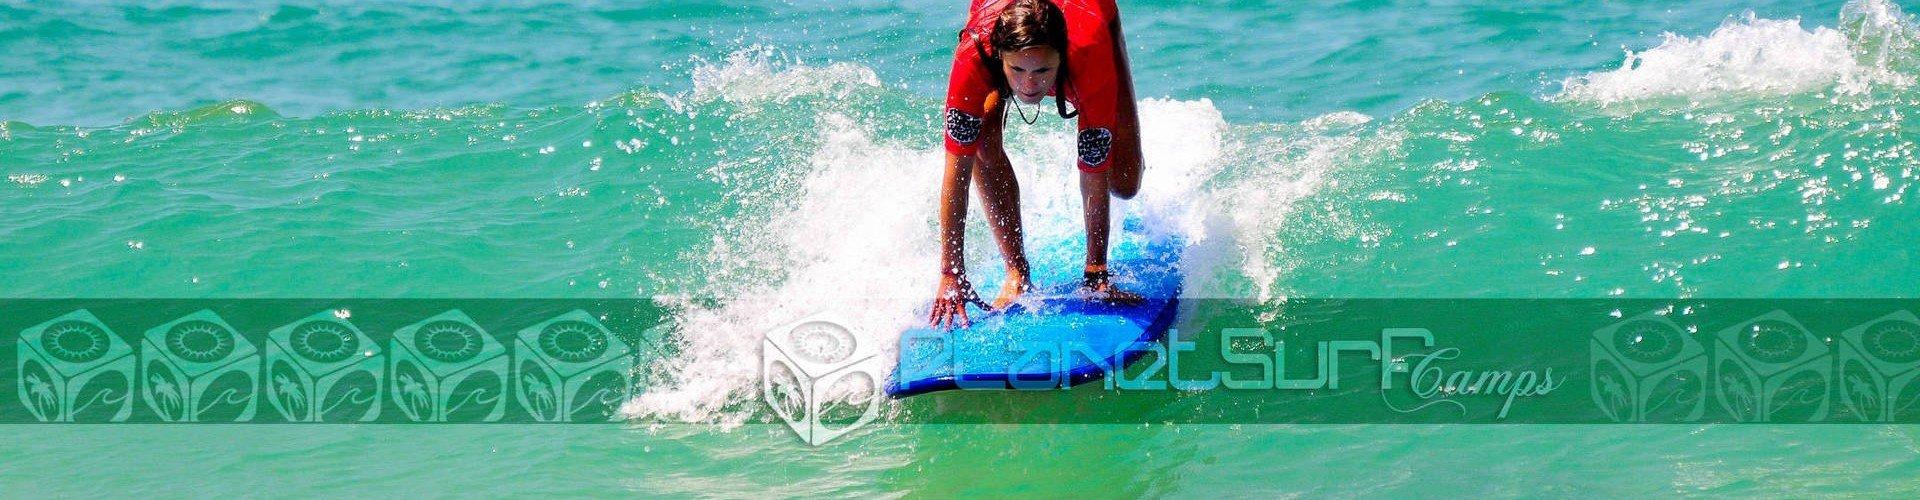 Surfen mit herrlichem Wetter in Frankreich